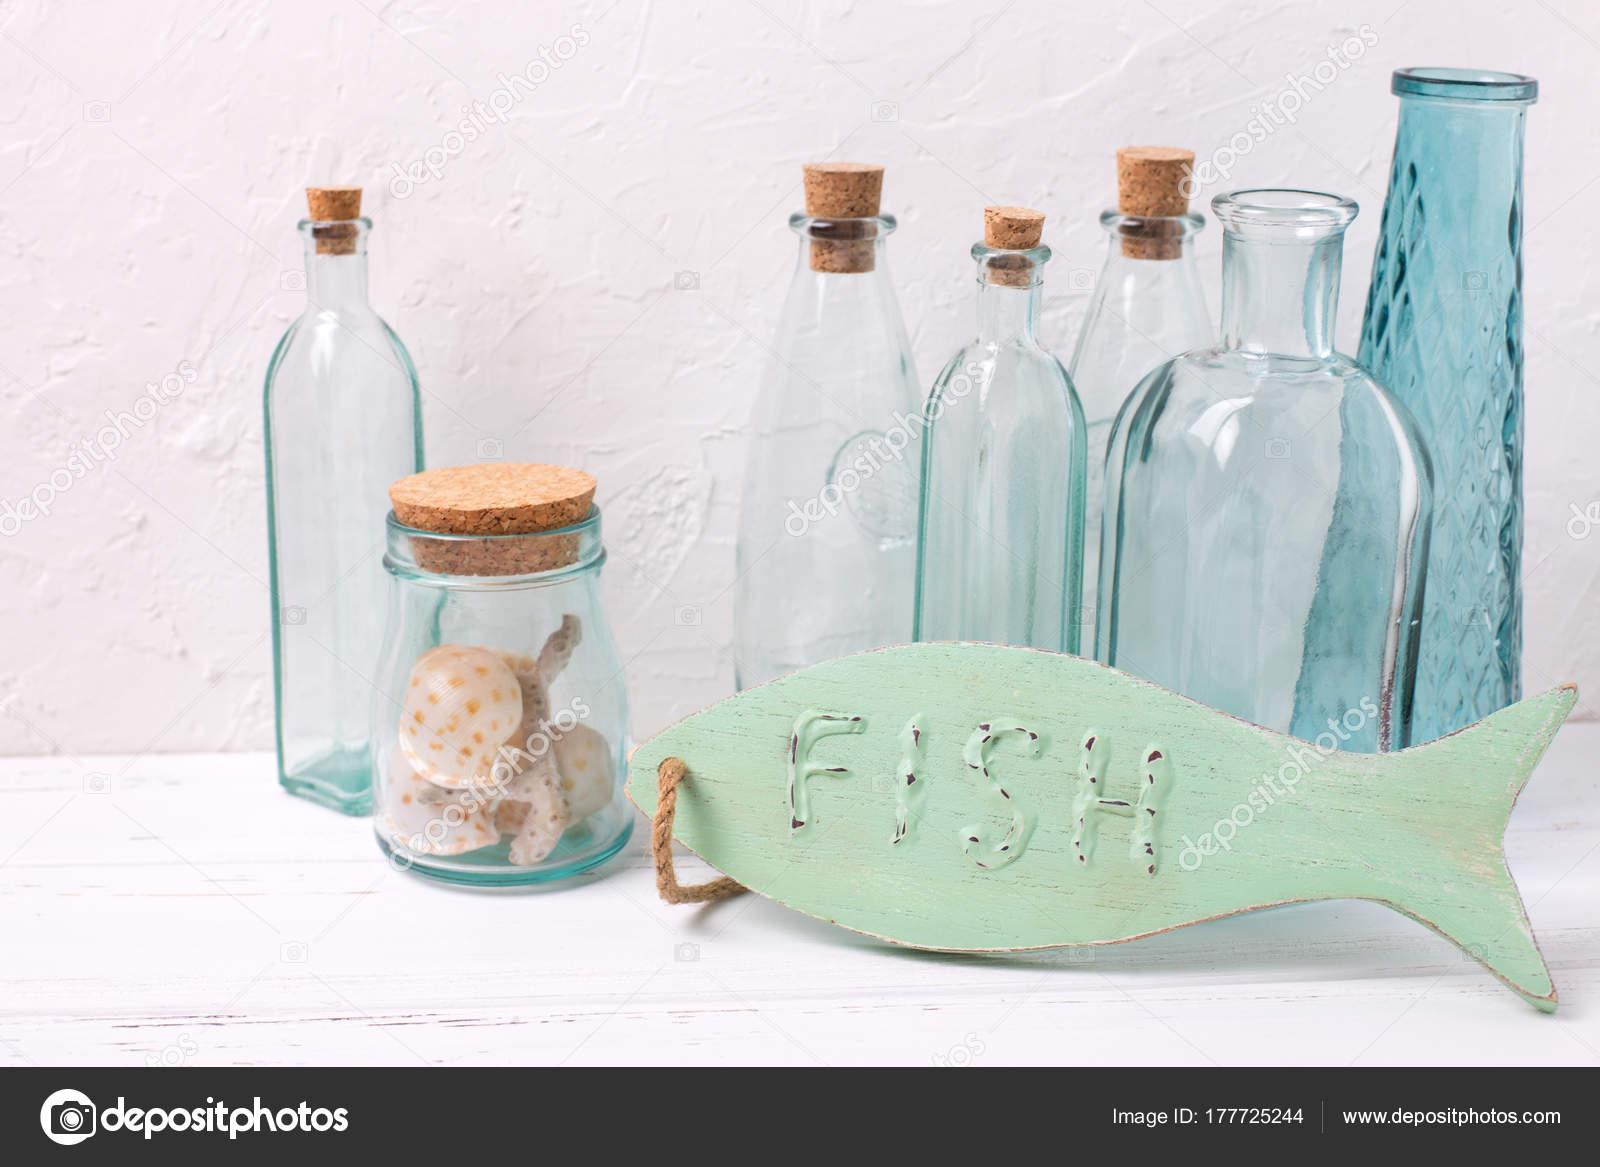 Decorazioni In Legno Per La Casa : Oceano mare tema decorazioni casa pesci decorativi legno bottiglie